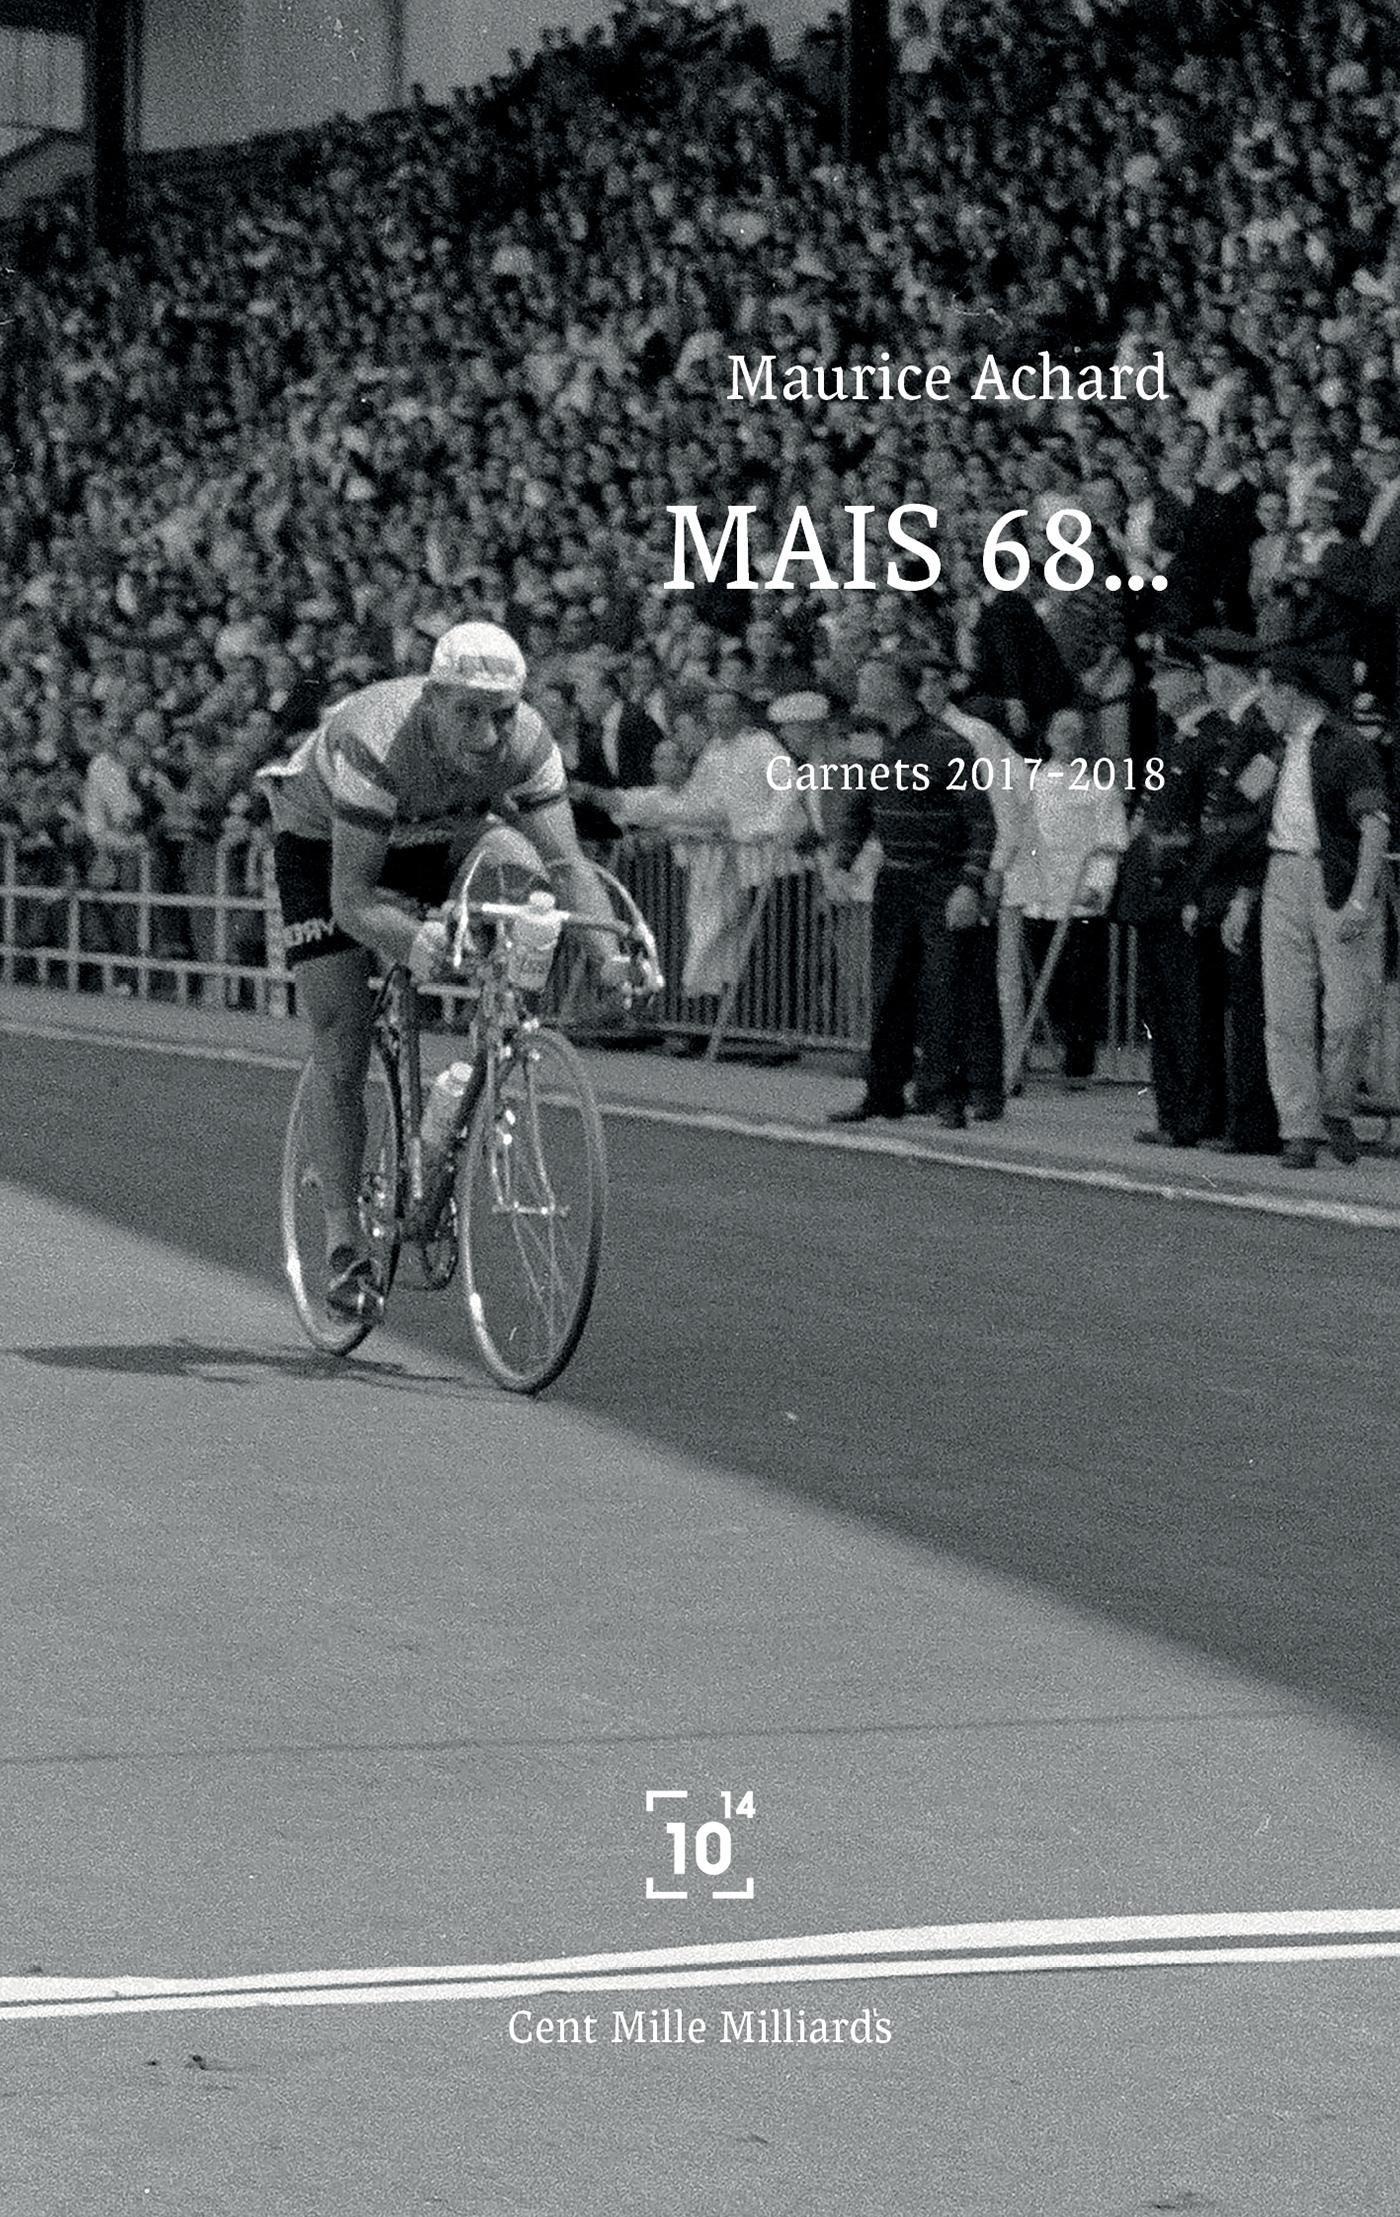 MAIS 68...